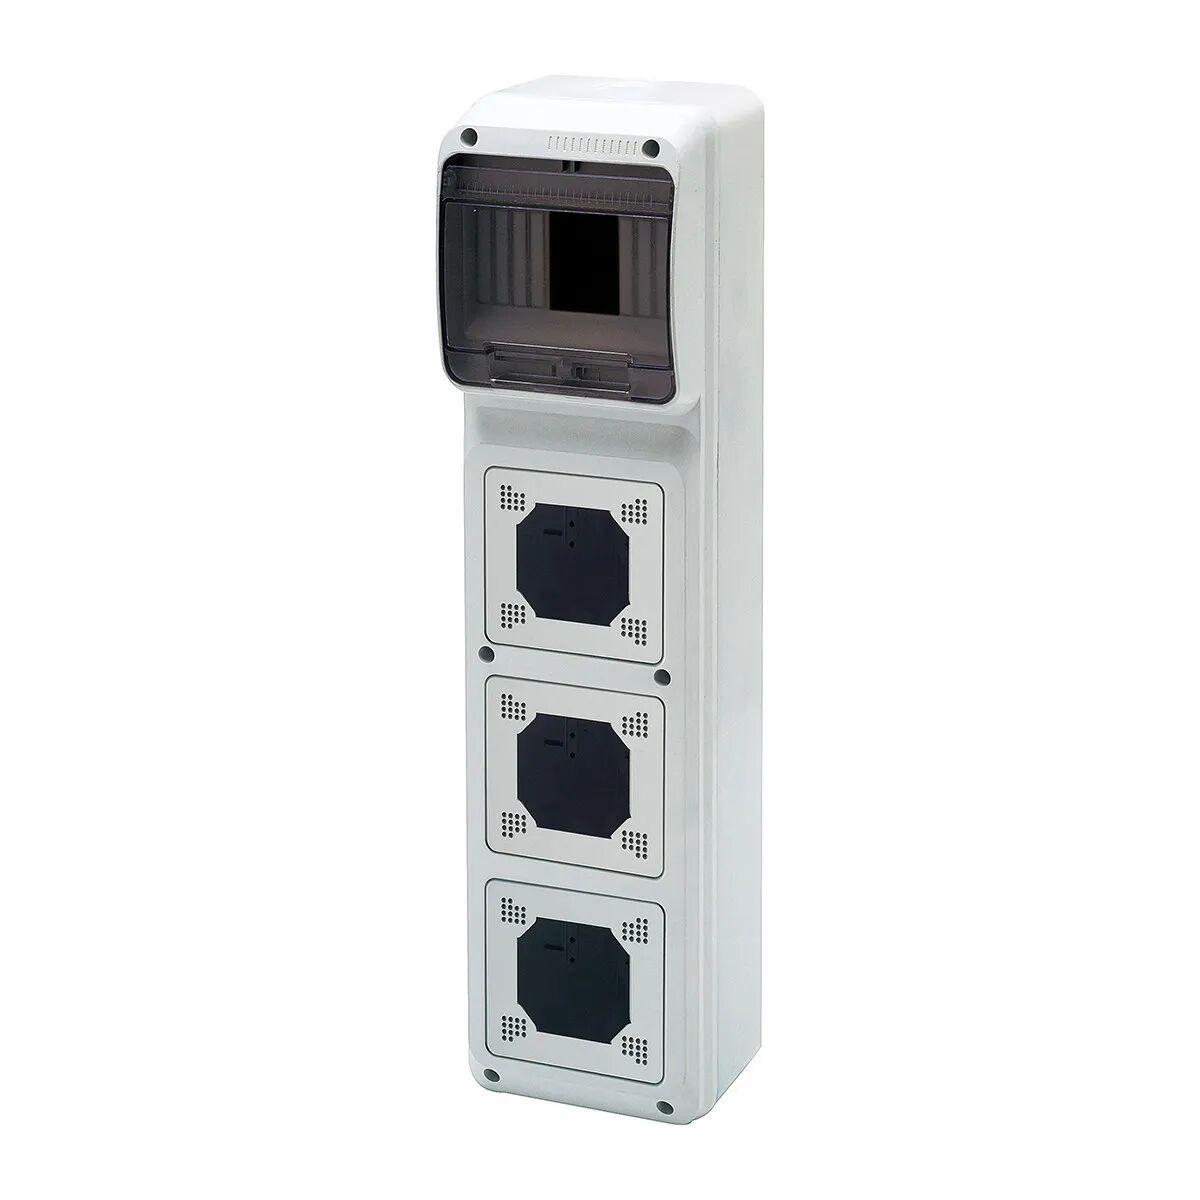 elettrocanali quadro elettrico vuoto per installazione fissa 3 prese verticali 4 moduli modello flangiato